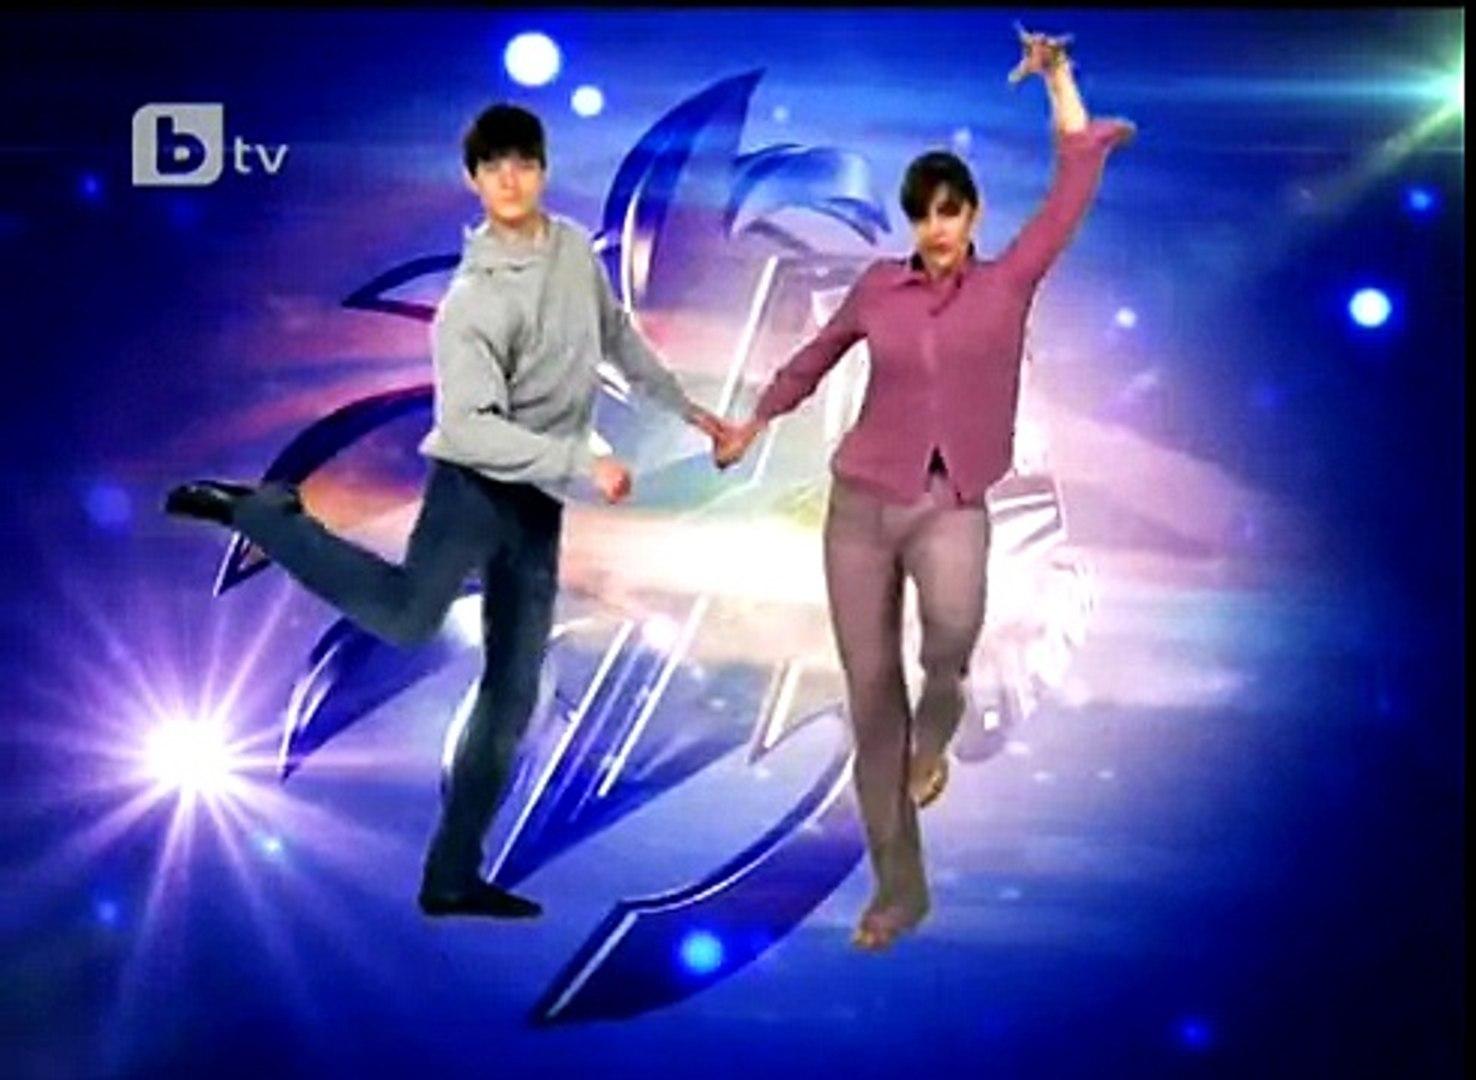 Майката и сина танцуват танго   Танцувай с мен 3 стаен   24 03 2011   VBOX7